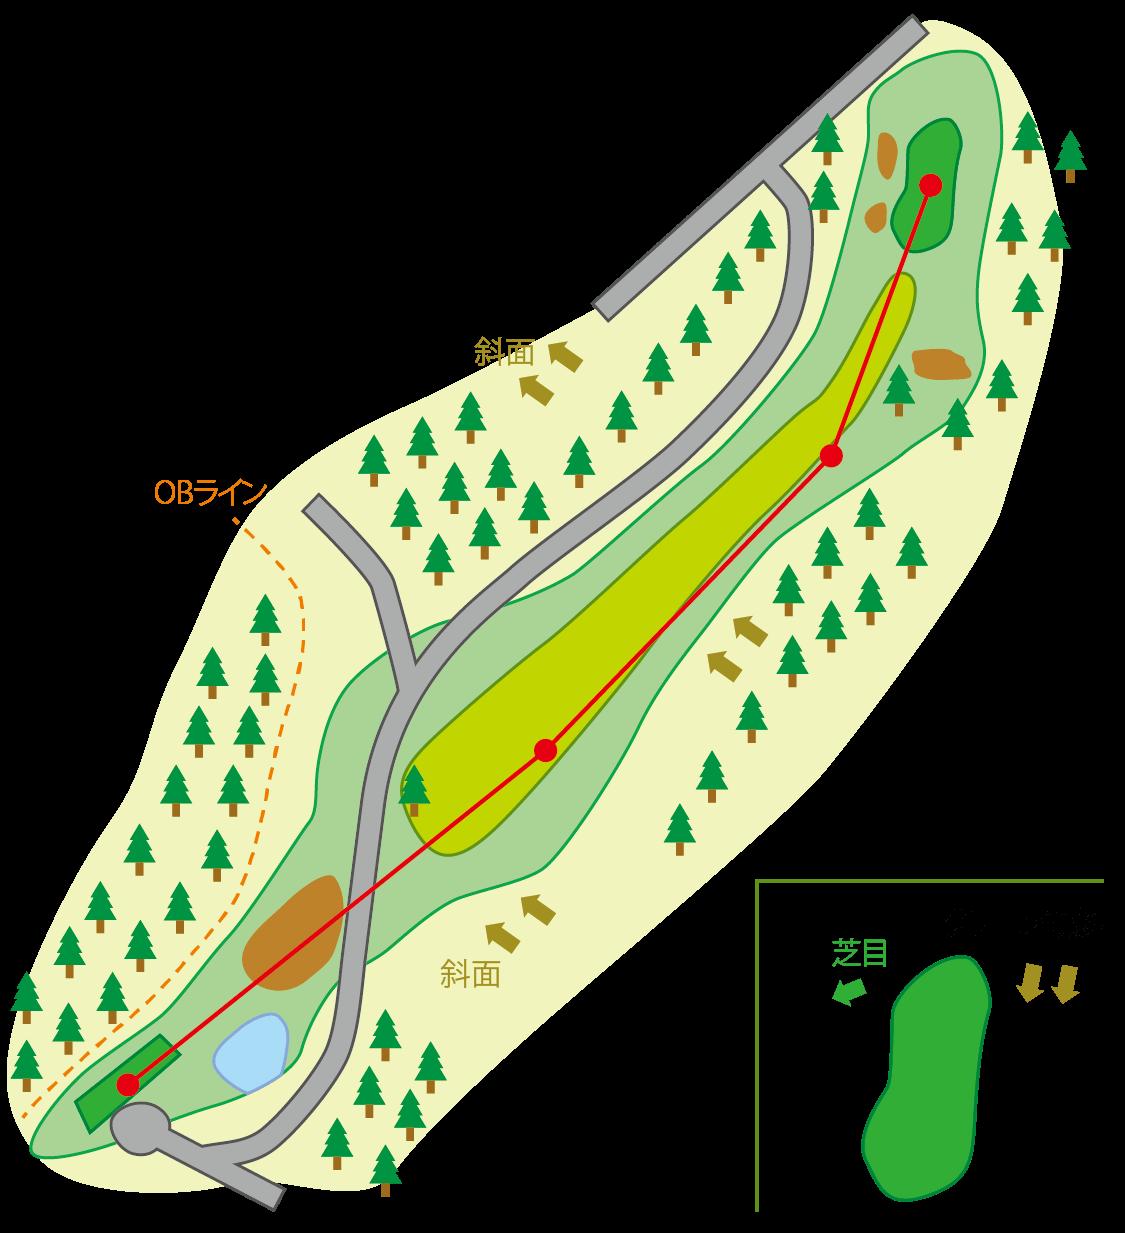 白鳥コース HOLE4のコースマップ